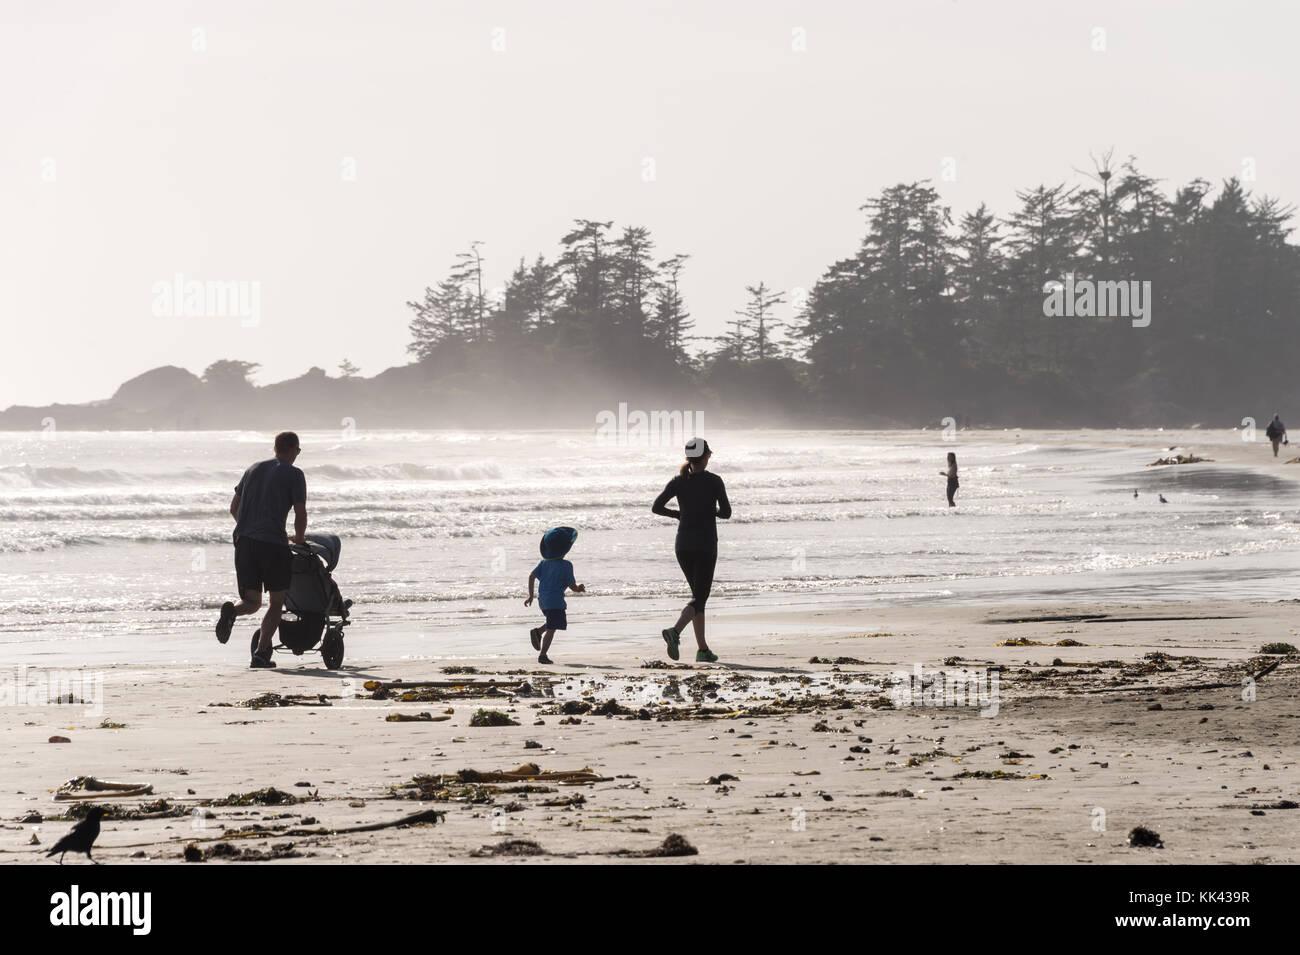 Chesterman beach cerca de Tofino, BC, Canadá (septiembre de 2017) - La familia corriendo sobre la arena. Imagen De Stock